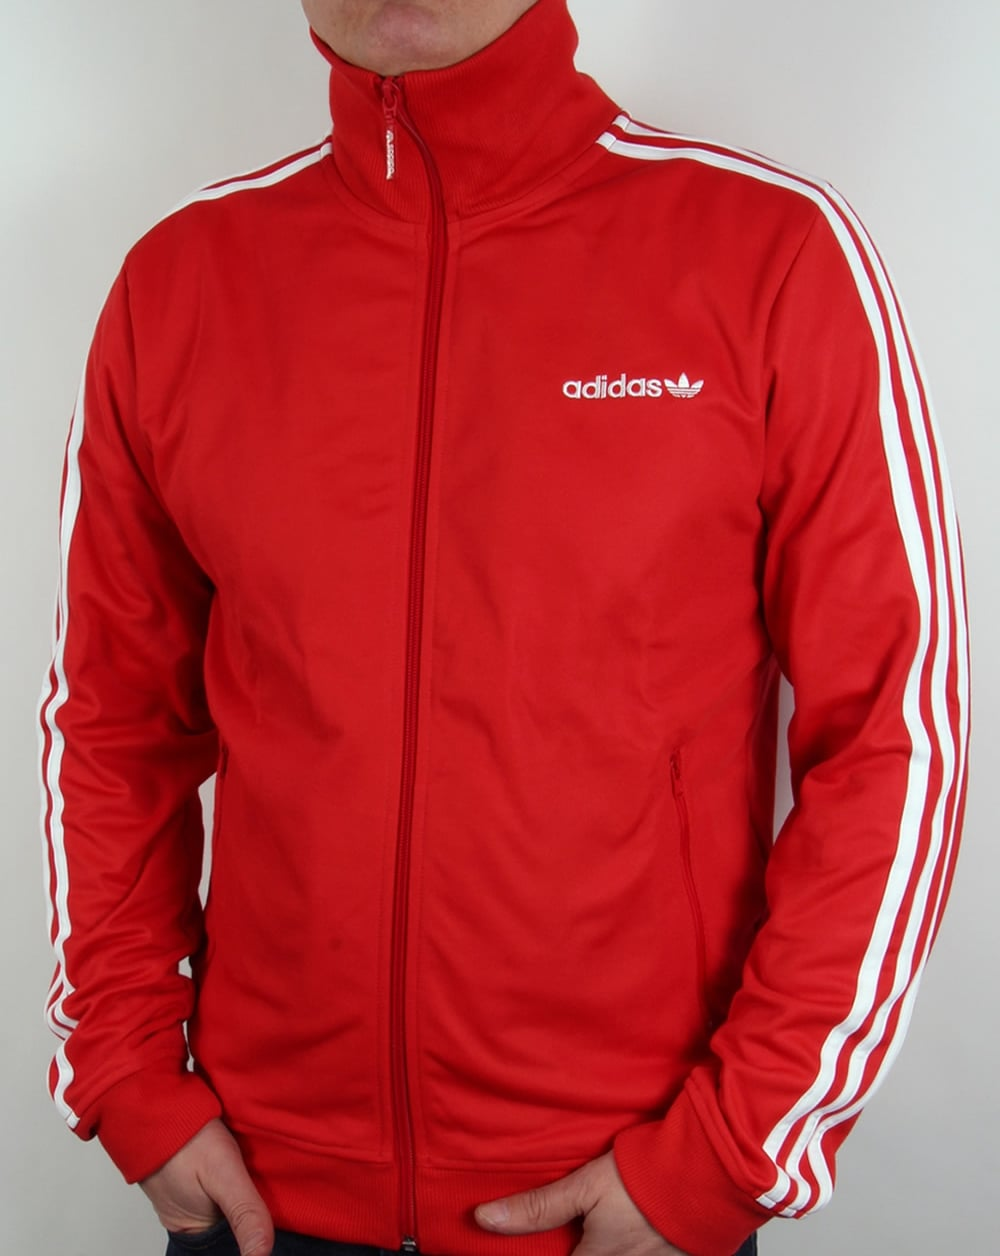 adidas originals beckenbauer track top redwhitetracksuit